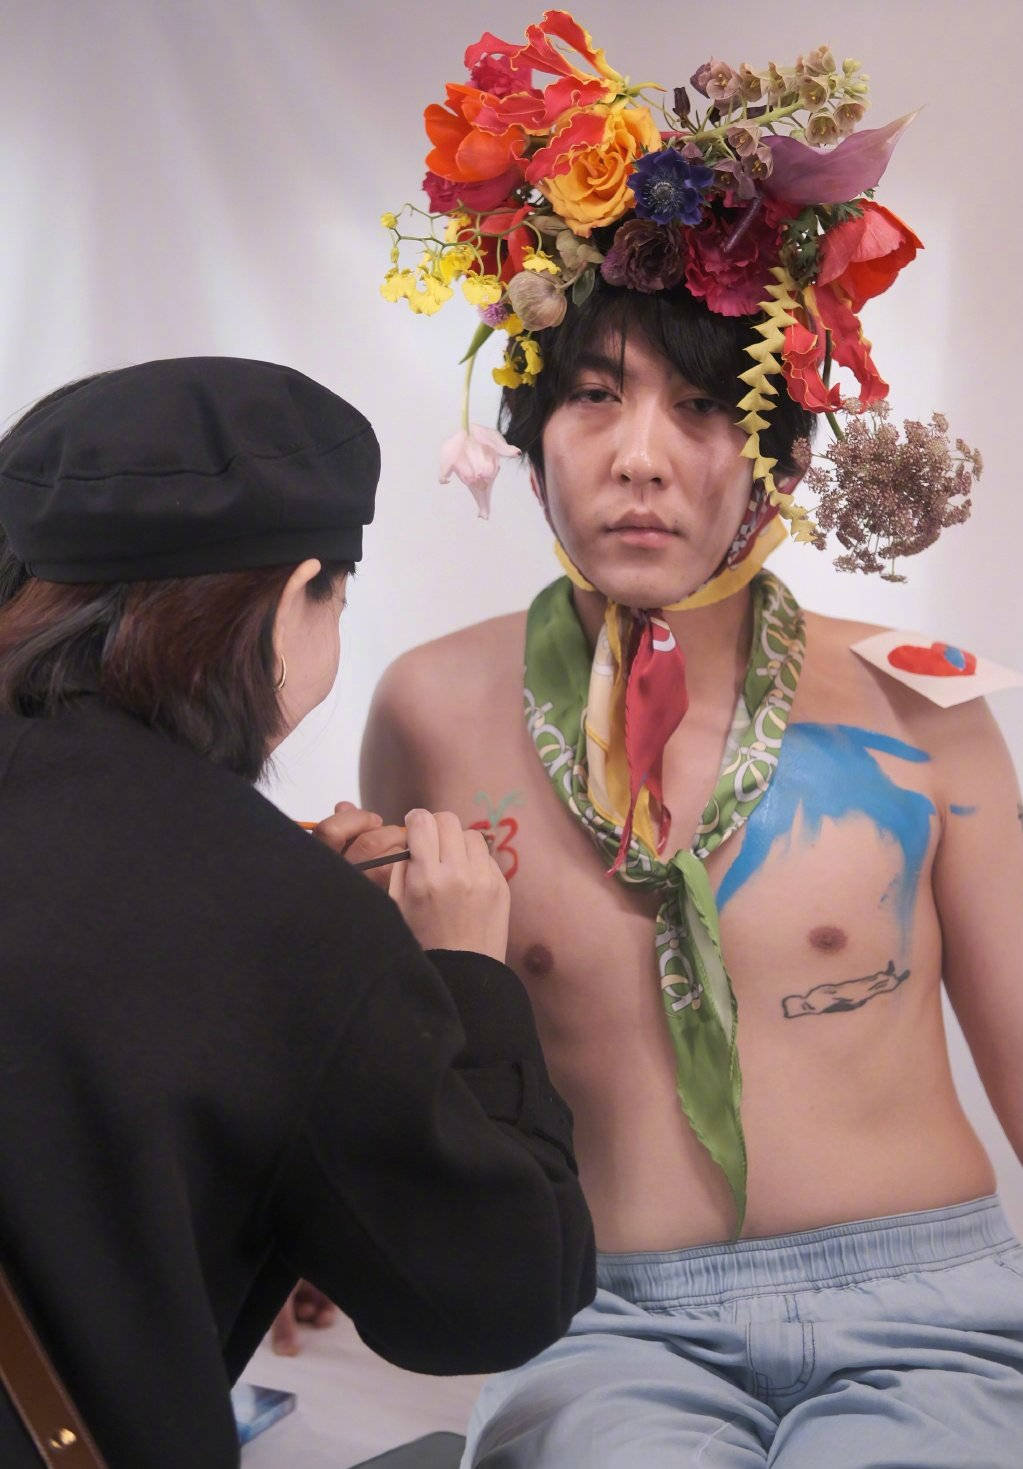 姜思达搞行为艺术七胜娱乐 赤裸身体让粉丝作画